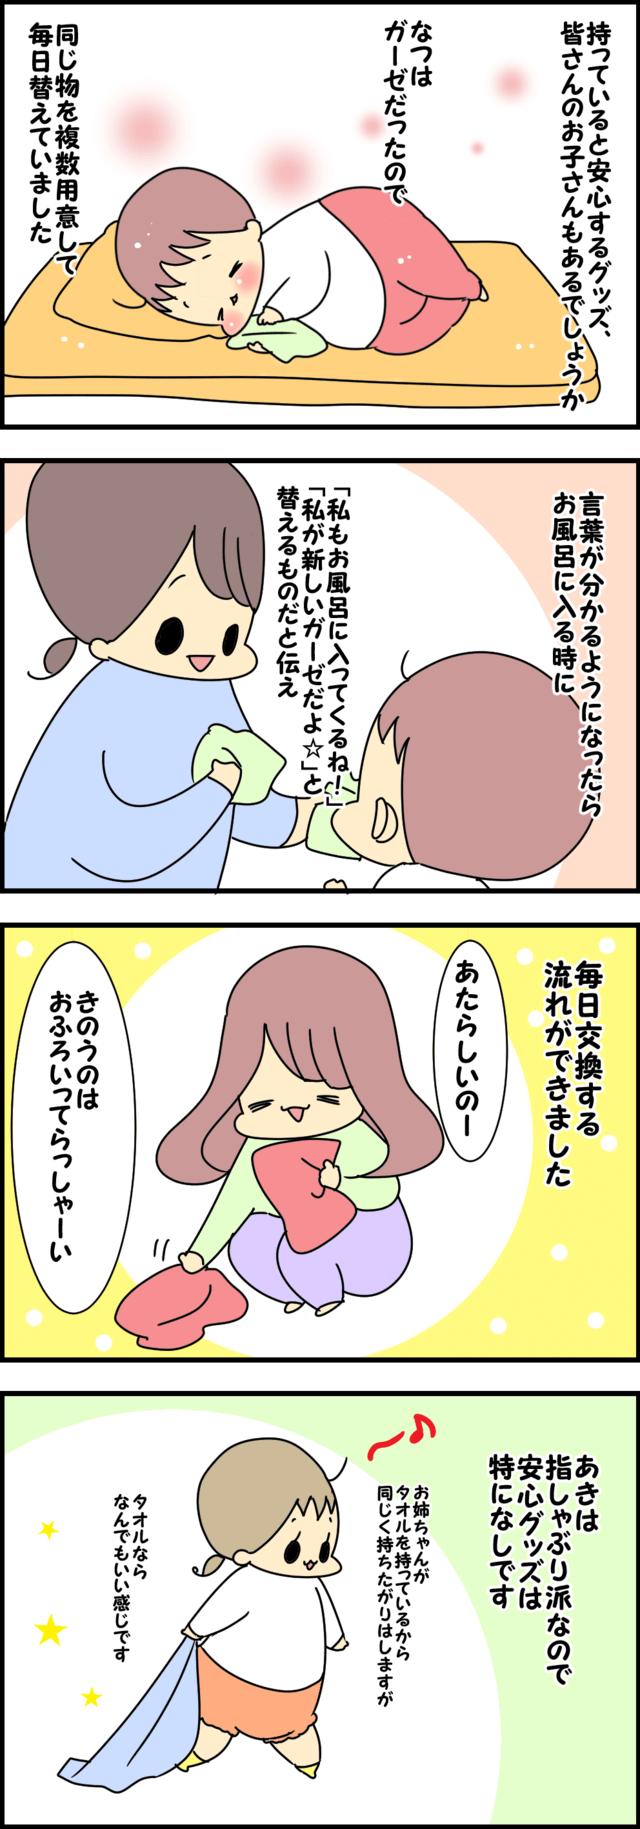 洗い替え,育児,漫画,子供